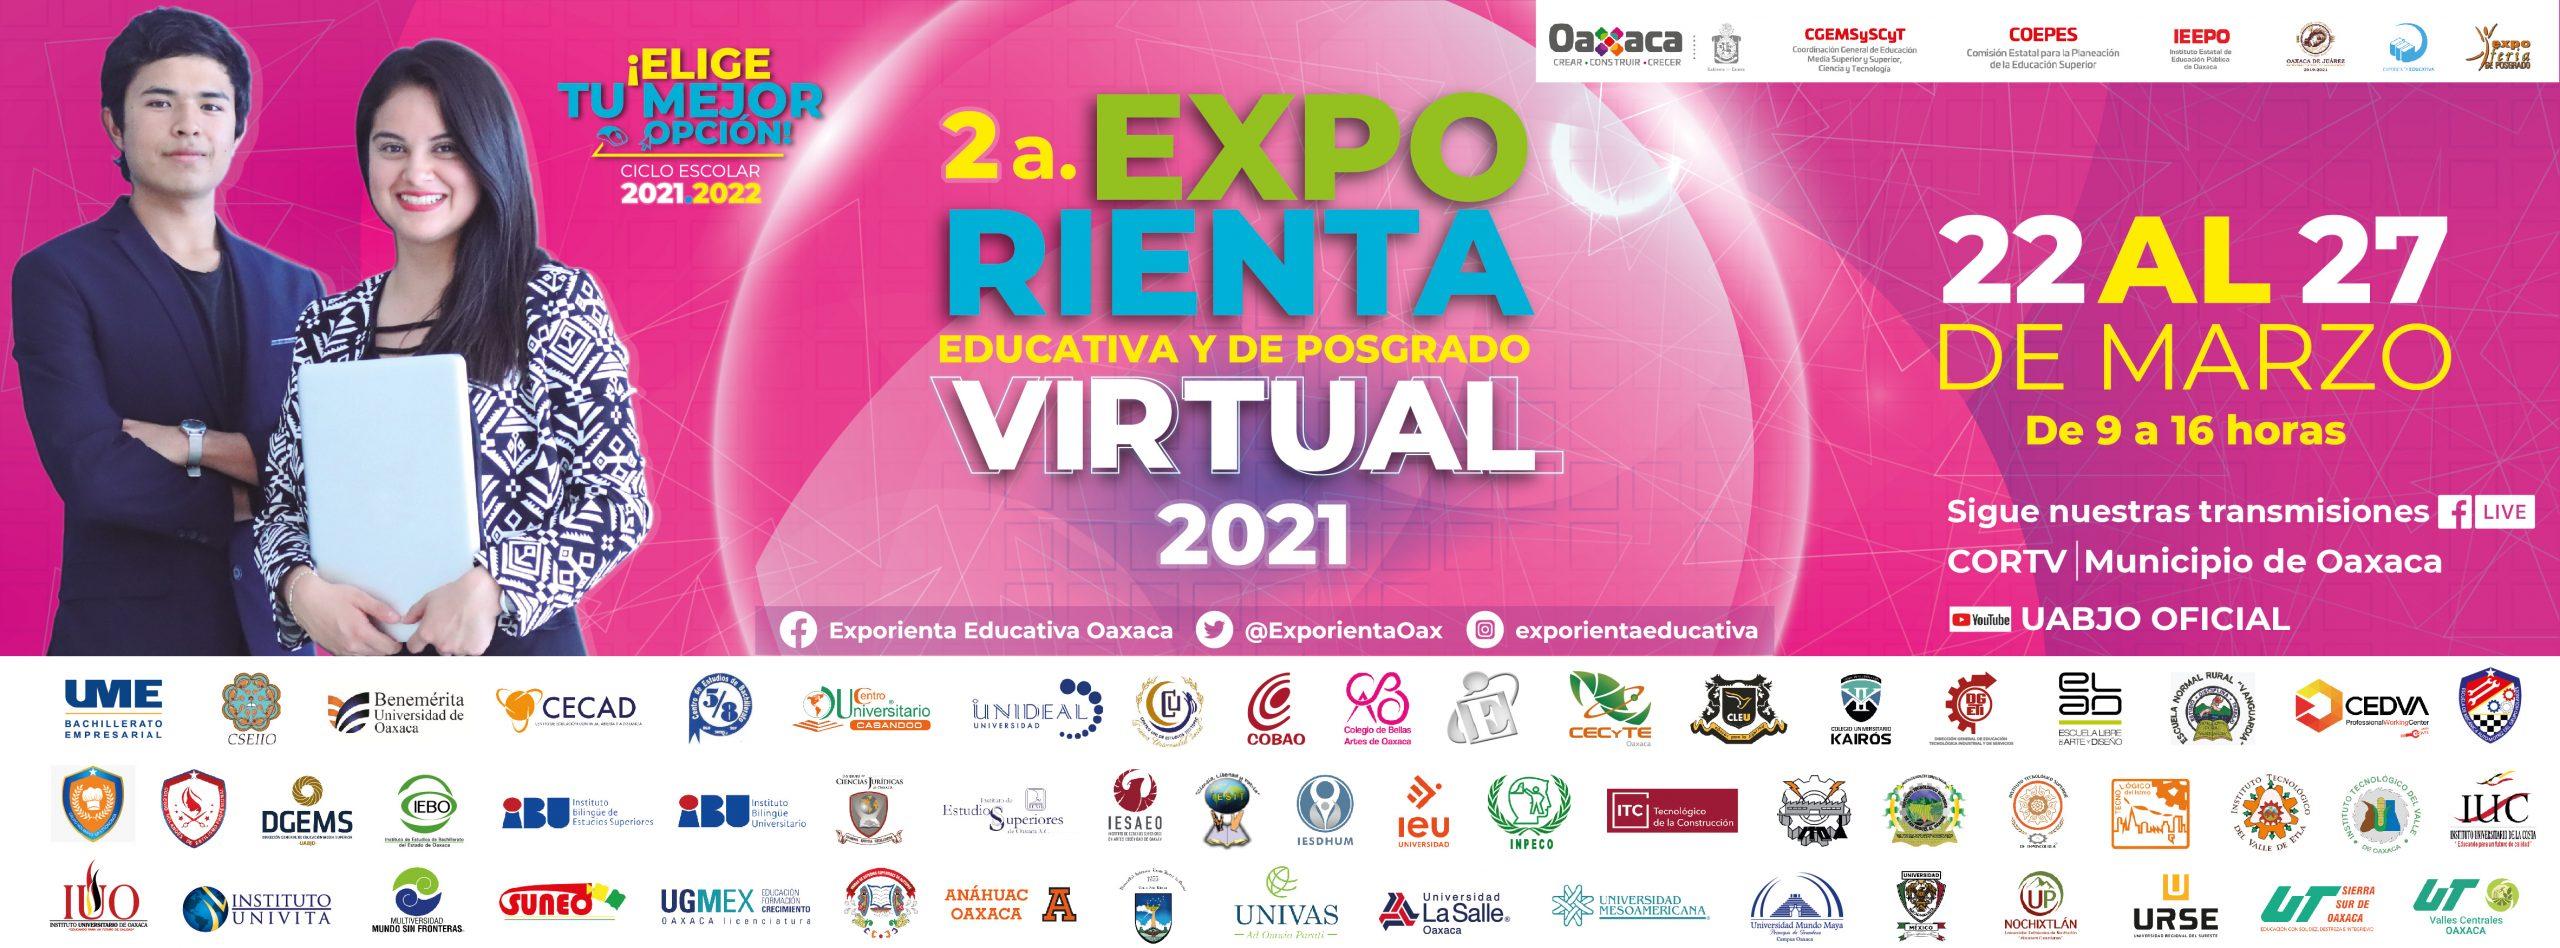 2a. EXPORIENTA EDUCATIVA Y DE POSGRADO VIRTUAL 2021